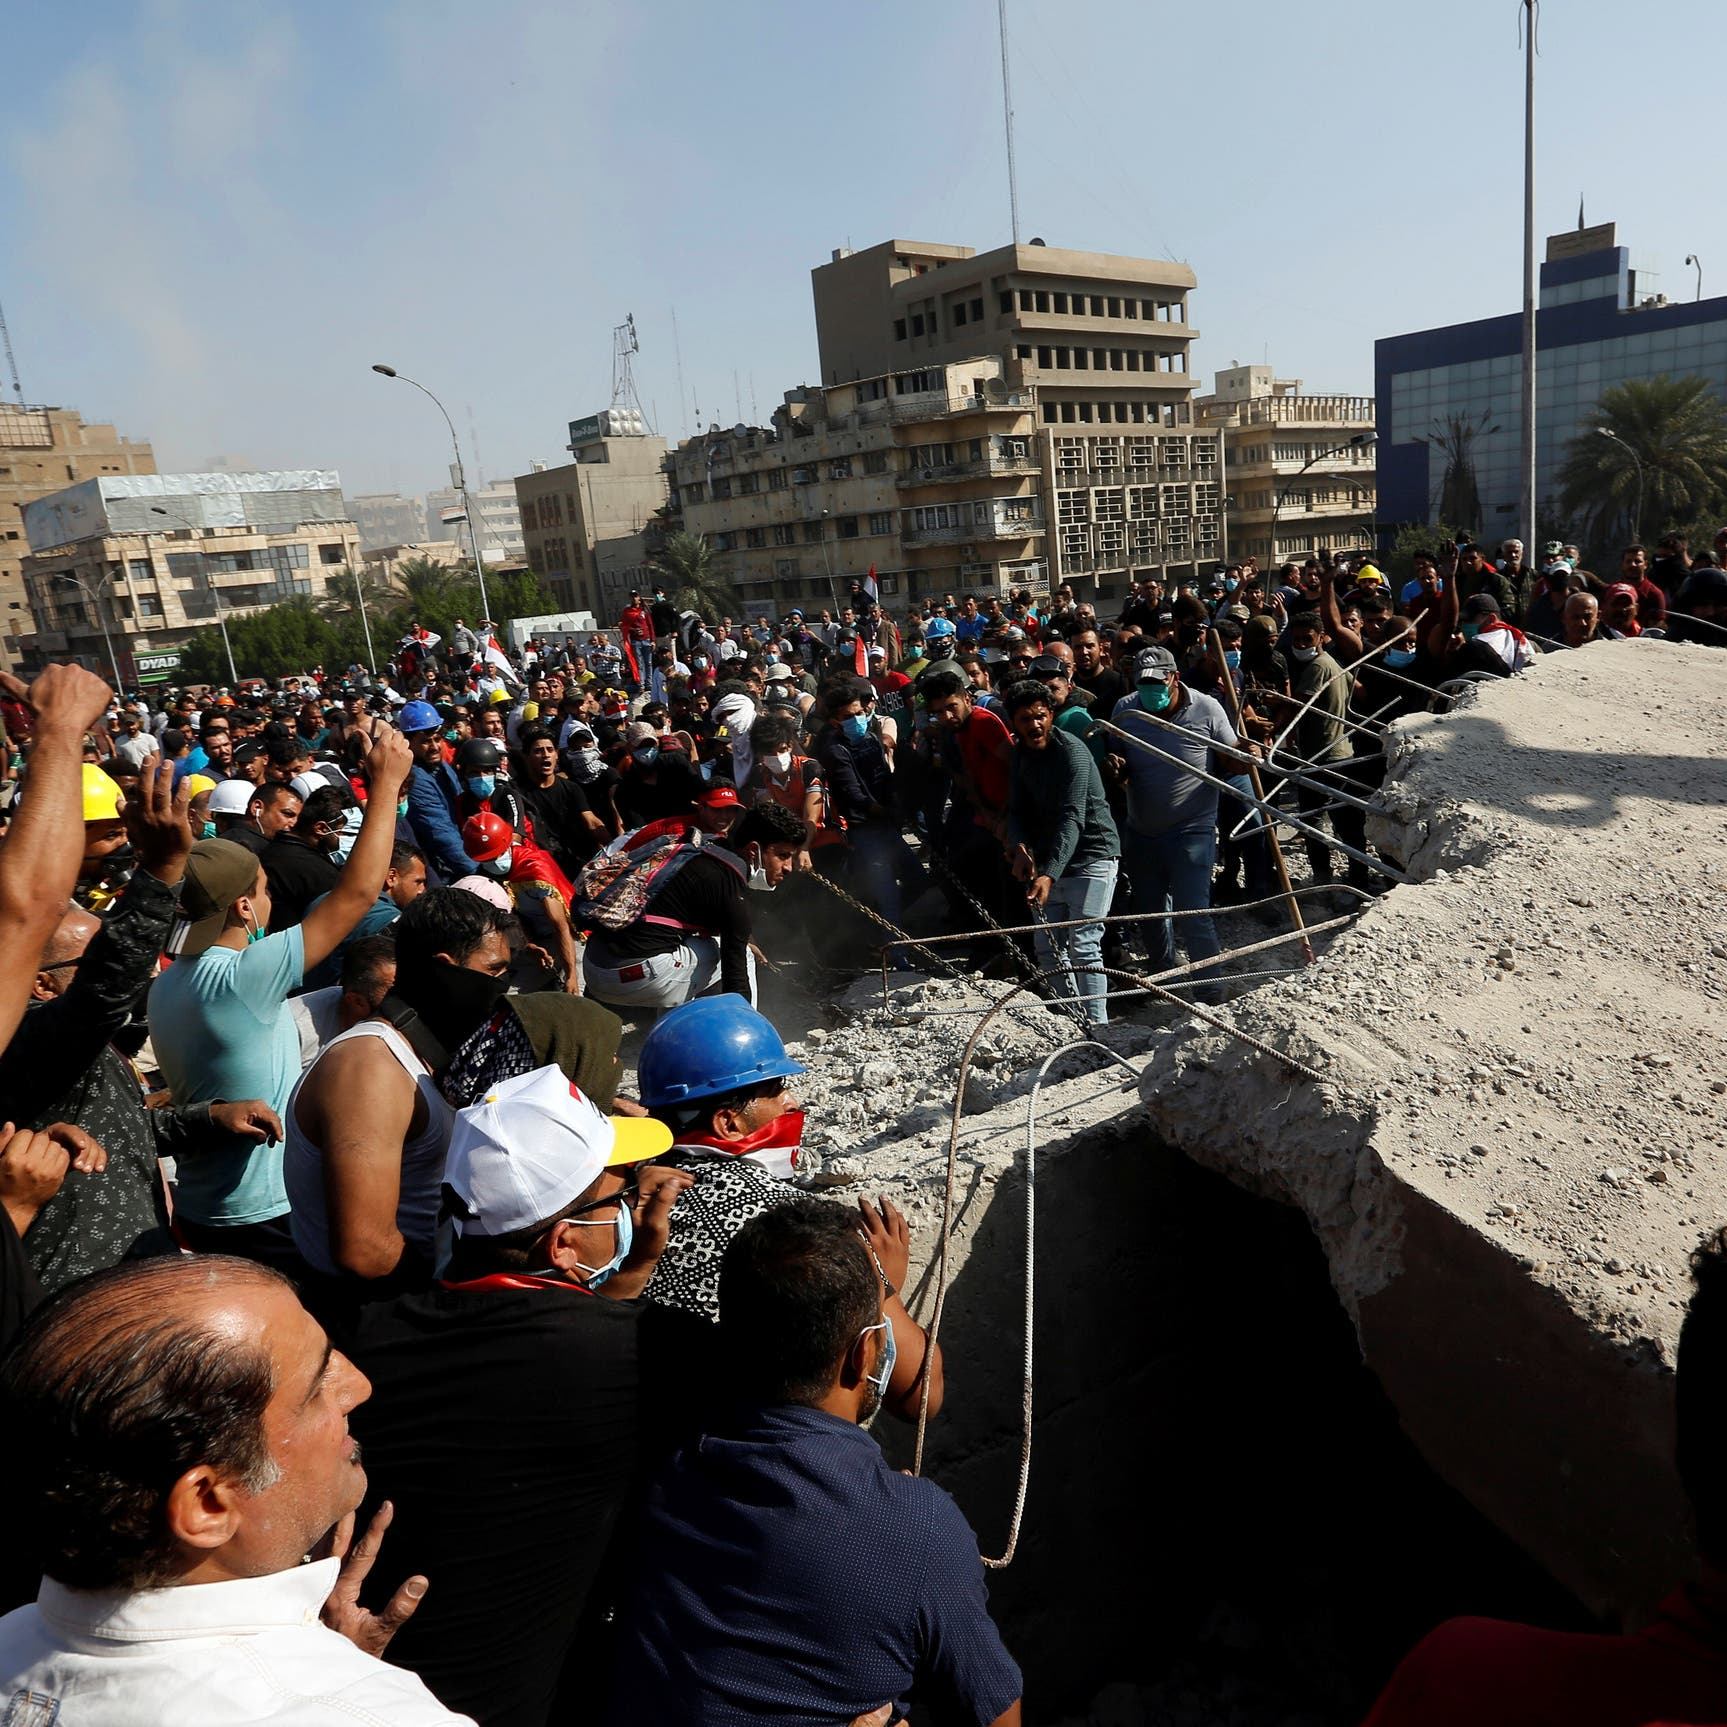 البيت الأبيض: نعرف أن قاسم سليماني من يقمع التظاهرات بالعراق